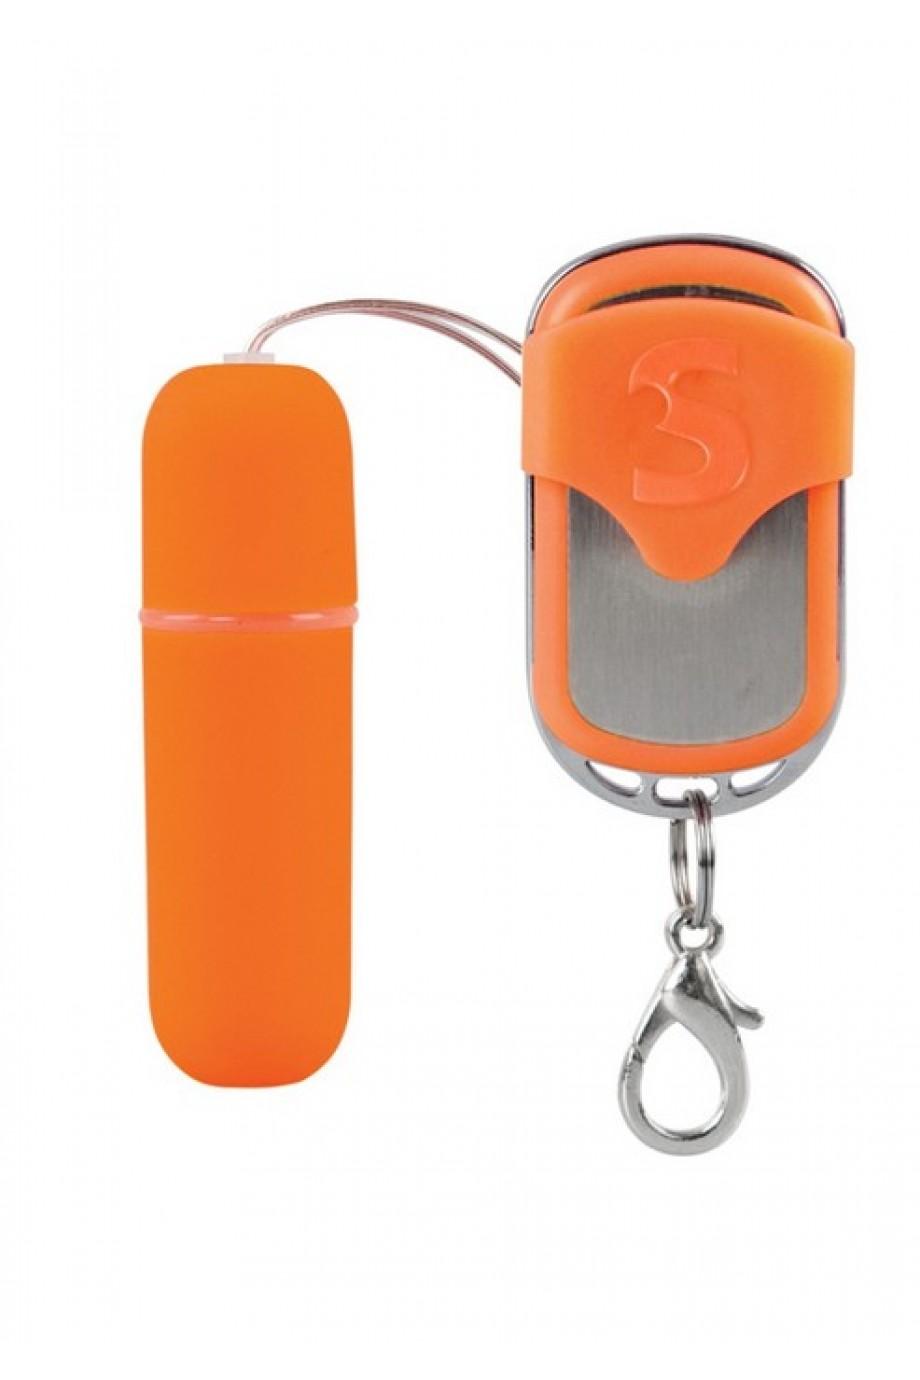 Вибропуля Remote Vibrating Bullet оранжевая